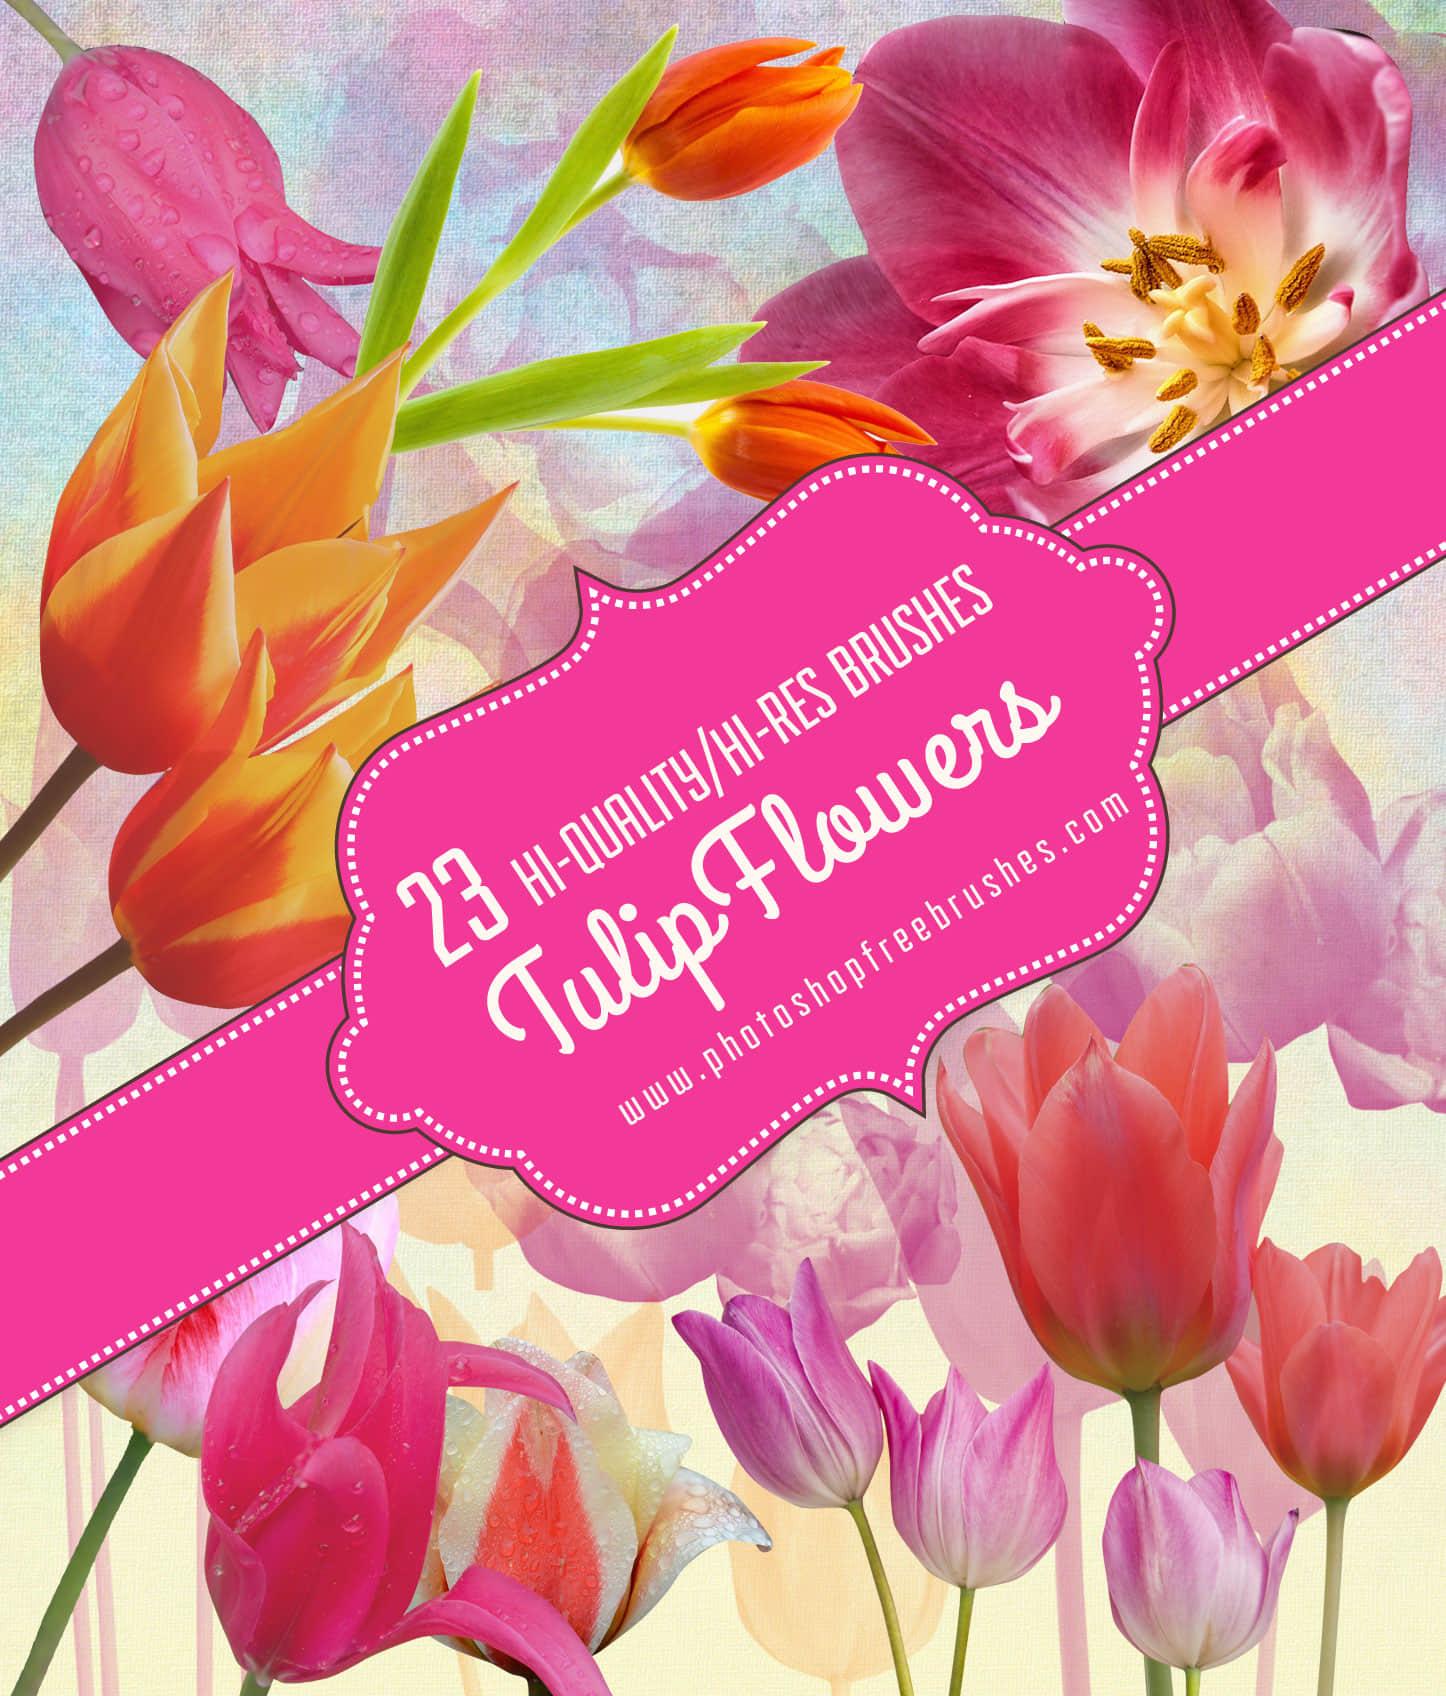 23种真实的郁金香花朵、鲜花Photoshop笔刷素材 鲜花笔刷 郁金香笔刷 花朵笔刷  plants brushes